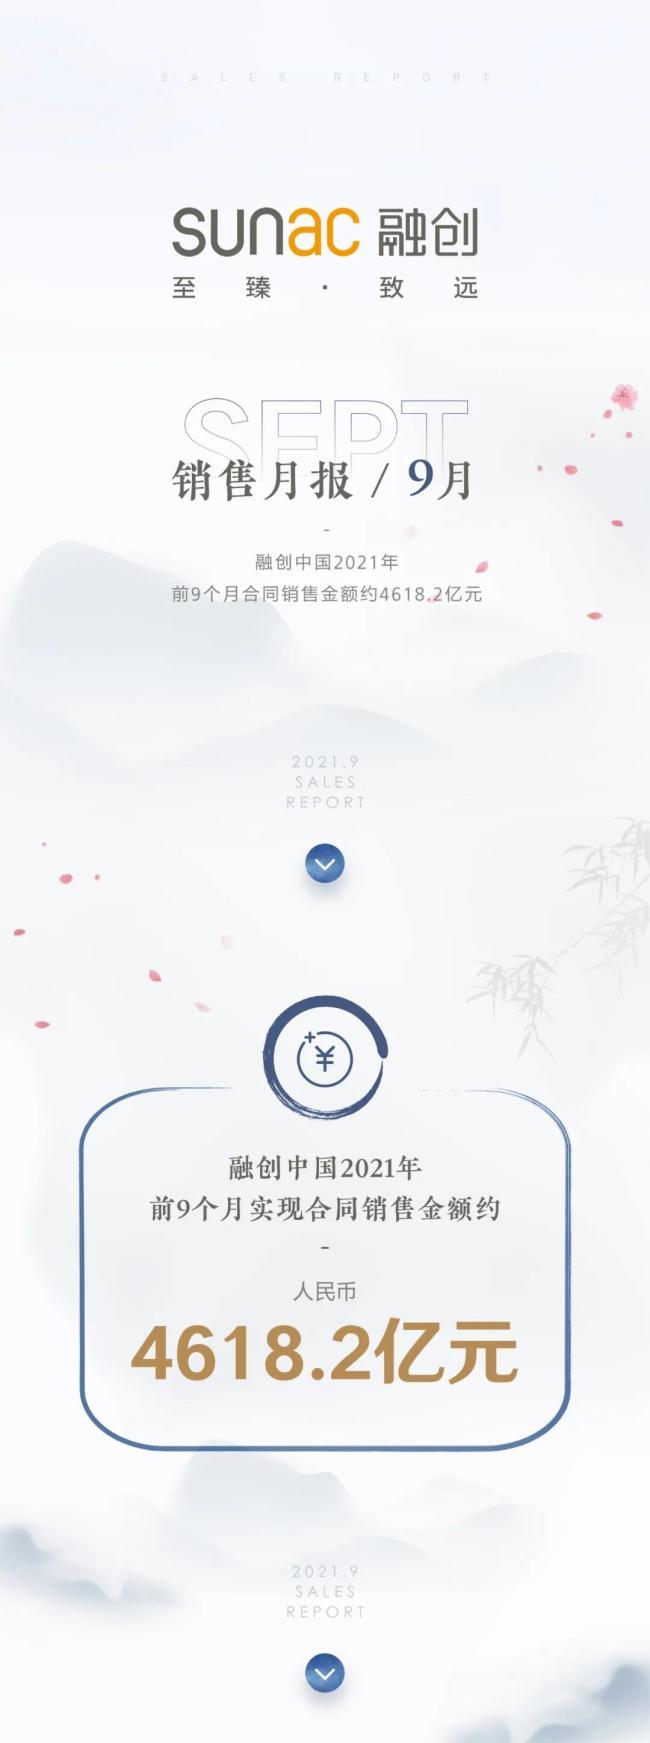 融创中国2021年前9个月合同销售金额超4600亿元